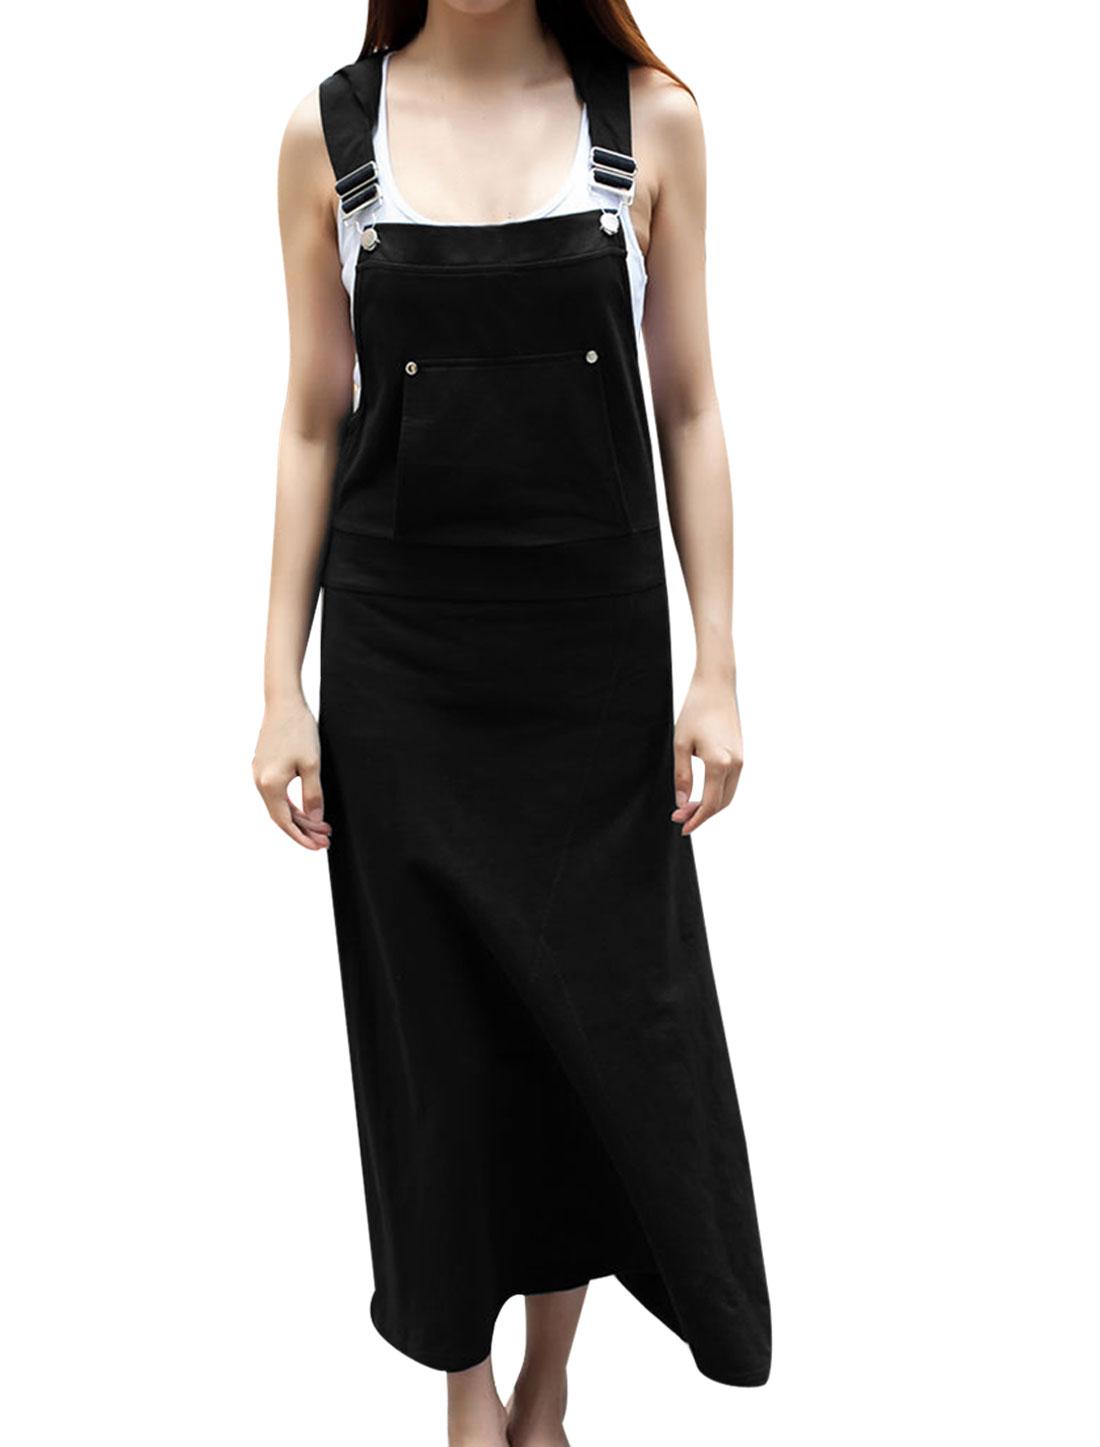 Women Full-Length Slim Fit Hooded Overall Dress Black XS